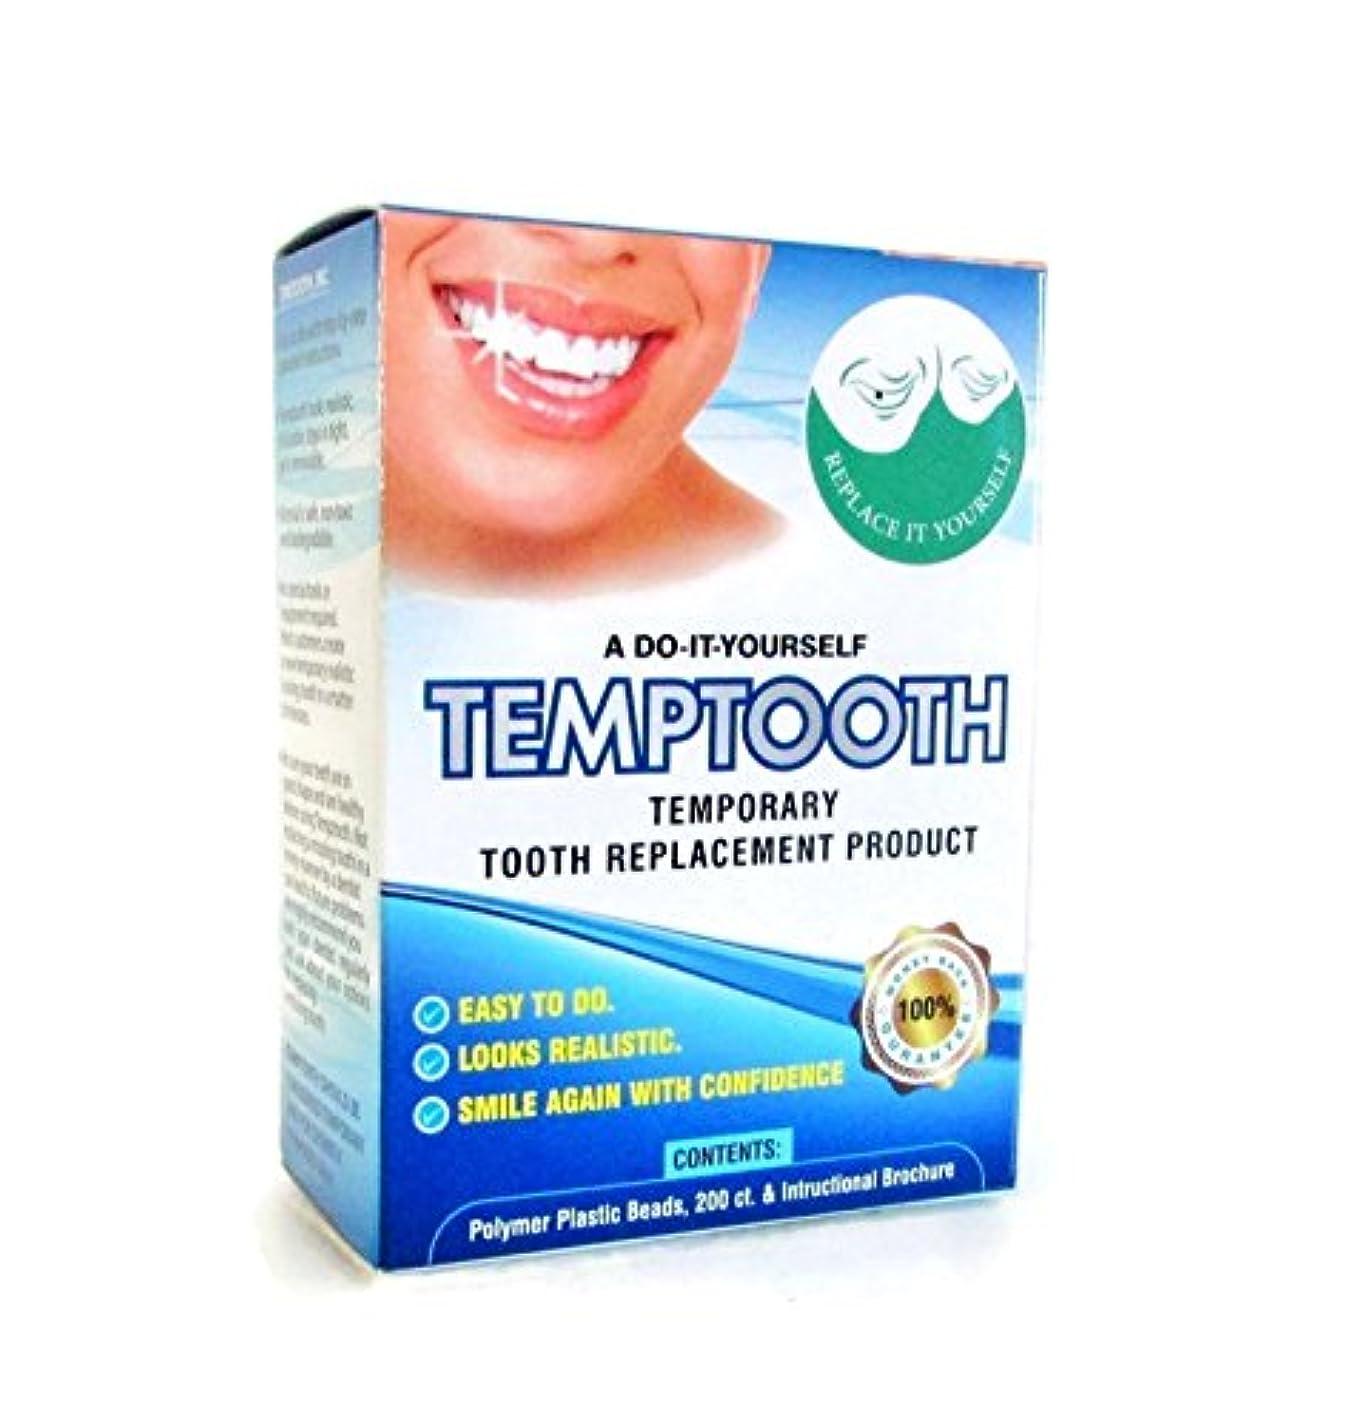 創傷患者ハイランド自分で作るテンポラリー義歯/Temptooth Do It Yourself Tooth Replacement Product